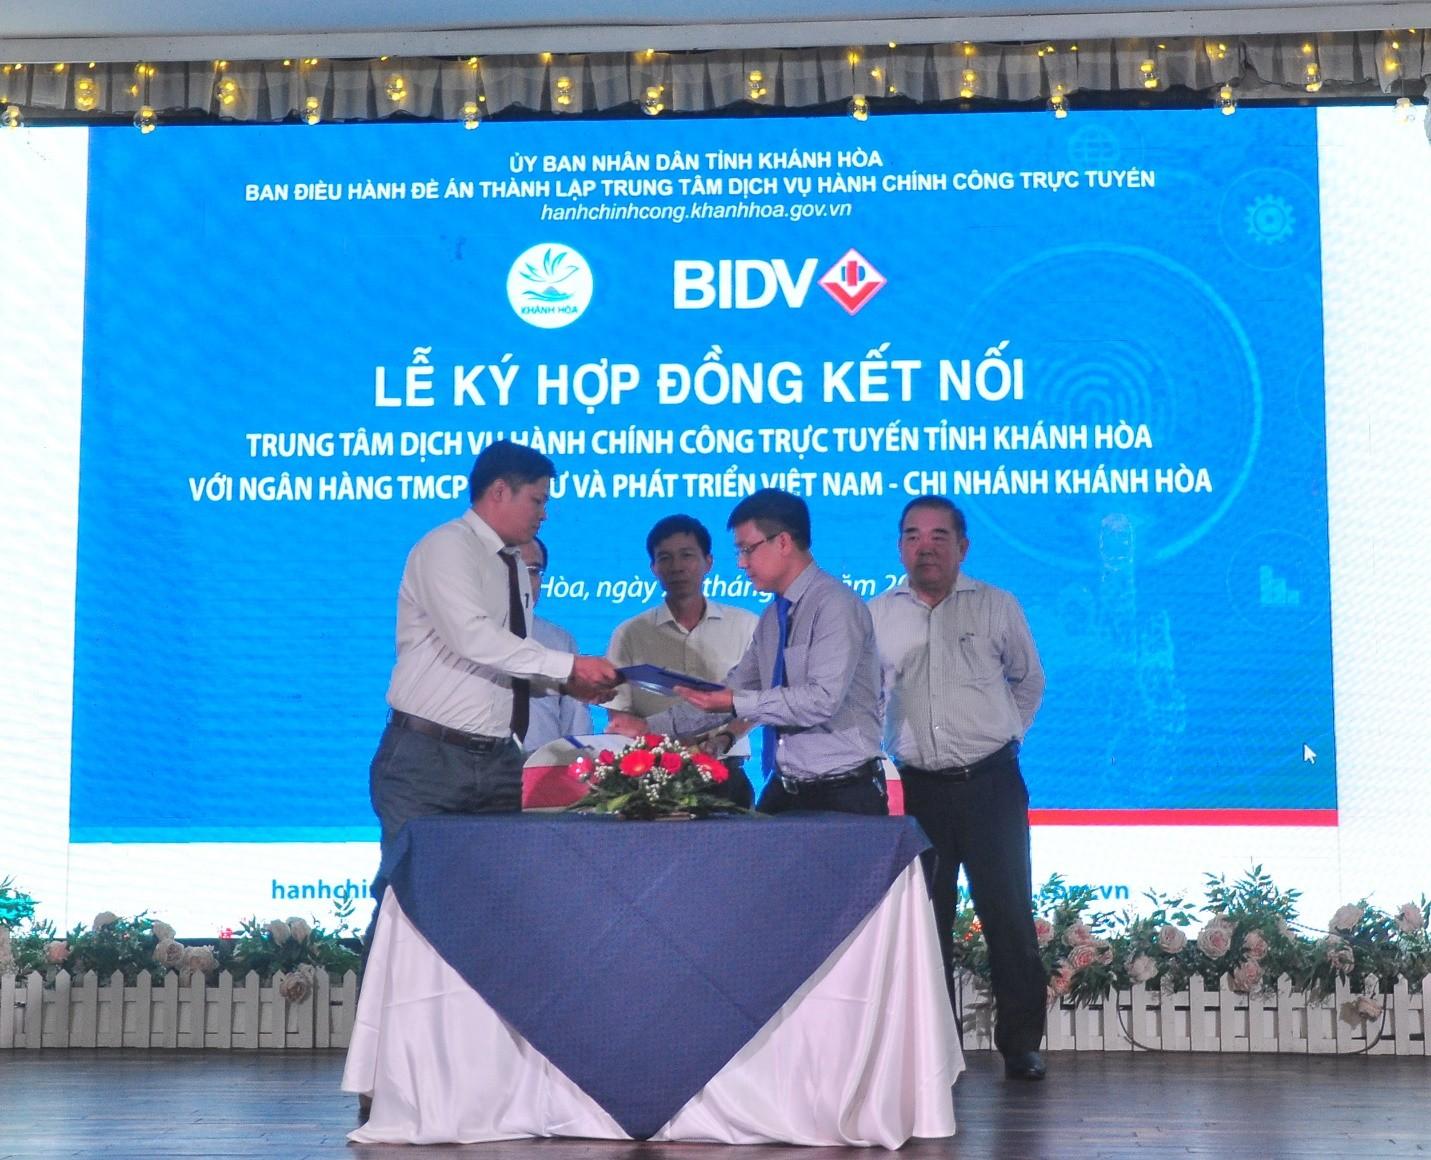 Trung Tâm Dịch Vụ Hành Chính Công Trực Tuyến Tỉnh Khánh Hòa và BIDV Khánh Hòa ký kết Hợp đồng